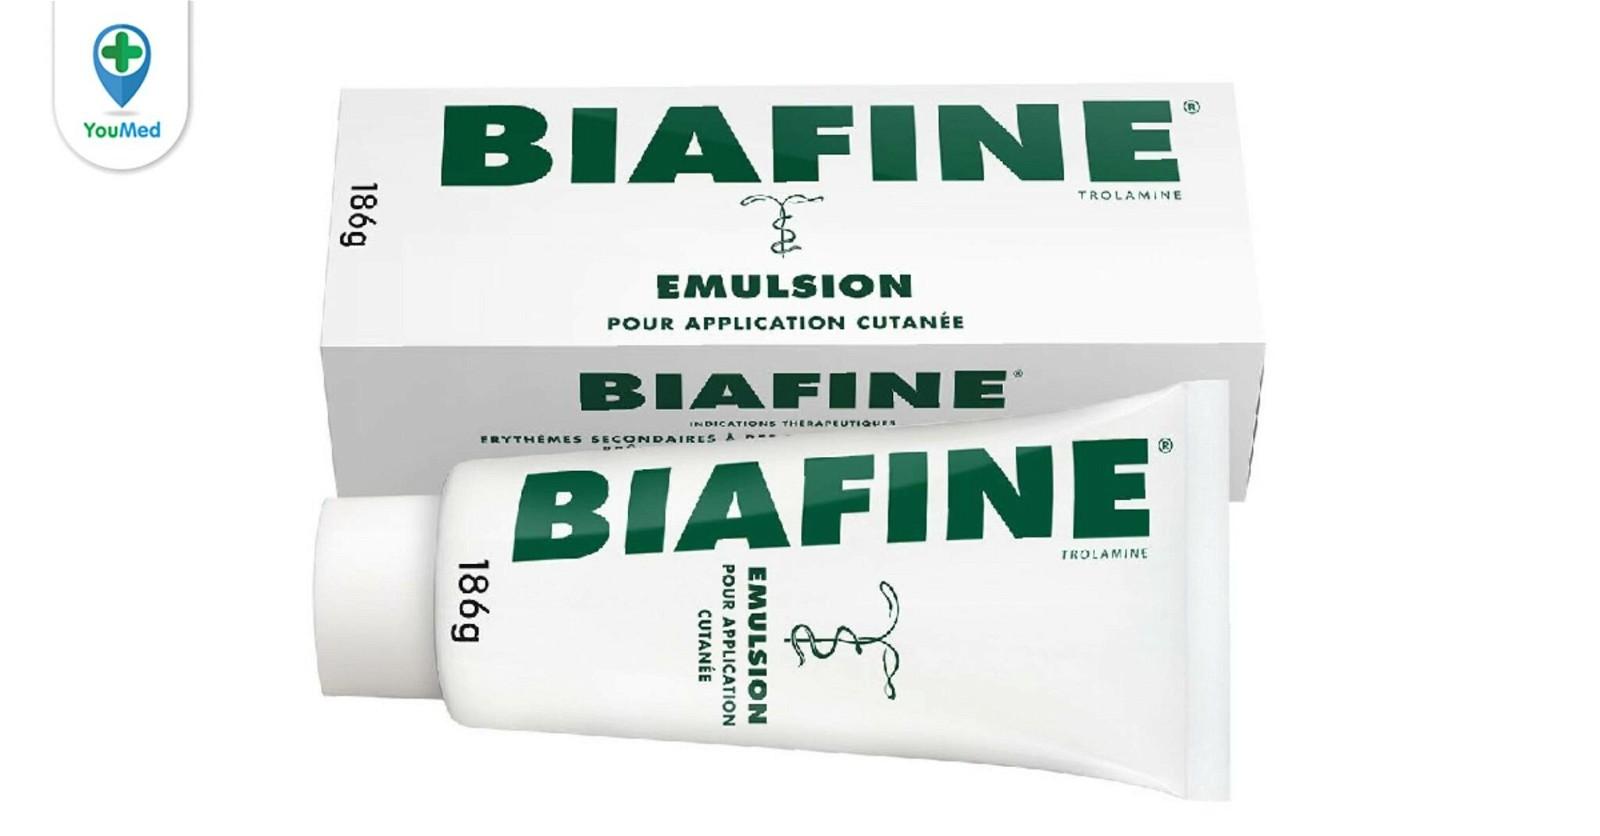 Những điều cần biết về thuốc trị bỏng Biafine